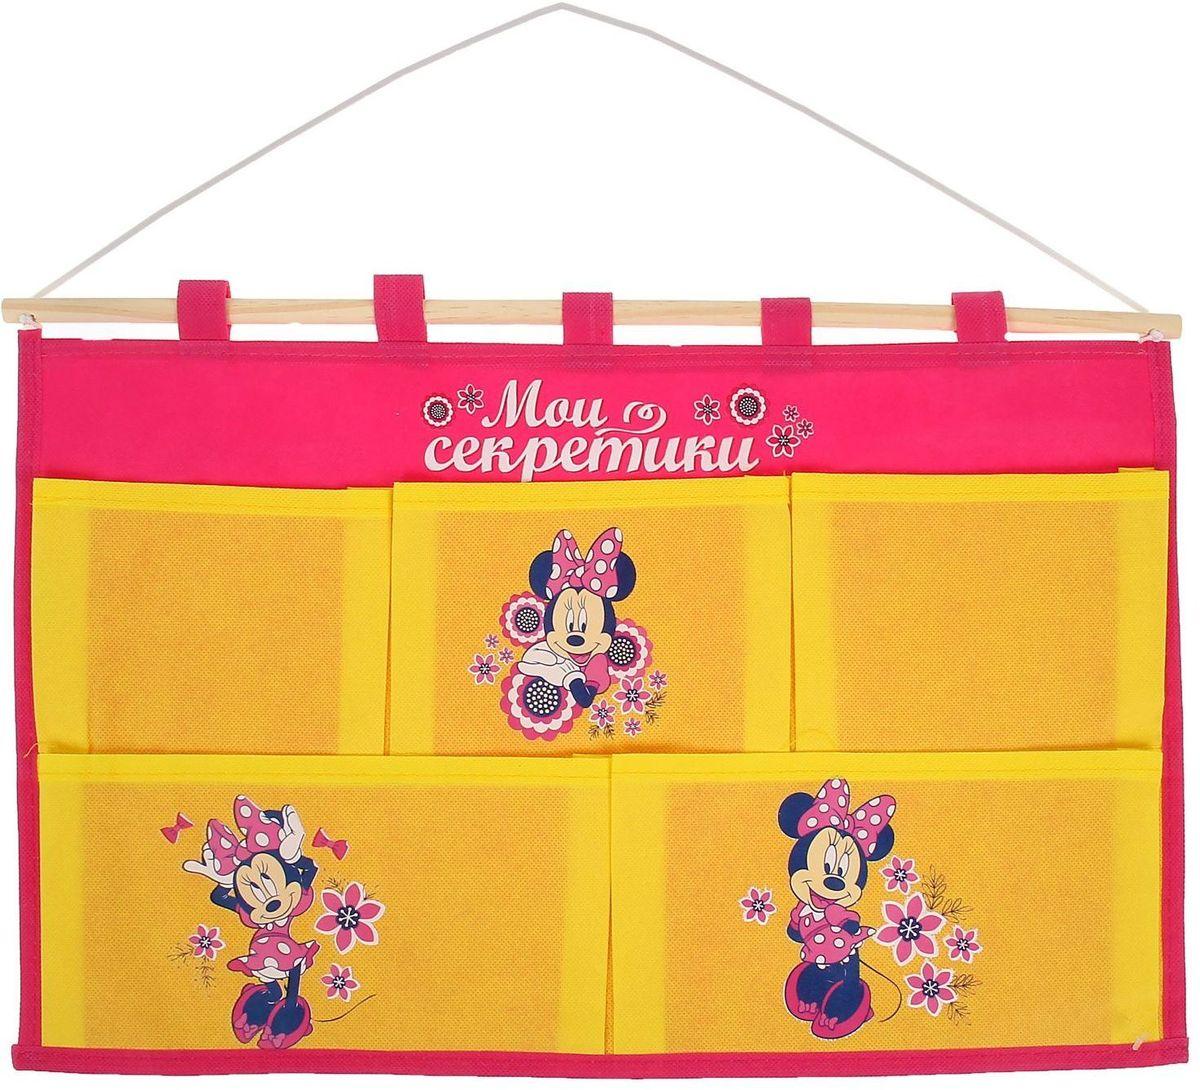 Disney Кармашки настенные на 5 отделений Мои секретики Минни Маус1162111Порядок с любимыми героями Disney. Украсьте комнату ребёнка стильным и полезным аксессуаром. Настенные кармашки организуют вещи малышки и помогут содержать комнату в чистоте и порядке. Положите туда игрушки или одежду, и детская преобразится! Кармашки даже можно использовать в ванной комнате. Набор из нетканого материала спанбонд крепится на деревянную палочку, а вся конструкция подвешивается за верёвку. Яркие рисунки с любимыми персонажами нанесены по термотрансферной технологии. Изделие упаковано в прозрачный пакет, к которому прилагается небольшой шильд с героем Disney, где можно написать тёплые слова и пожелания для адресата. Соберите коллекцию аксессуаров с любимыми героями!